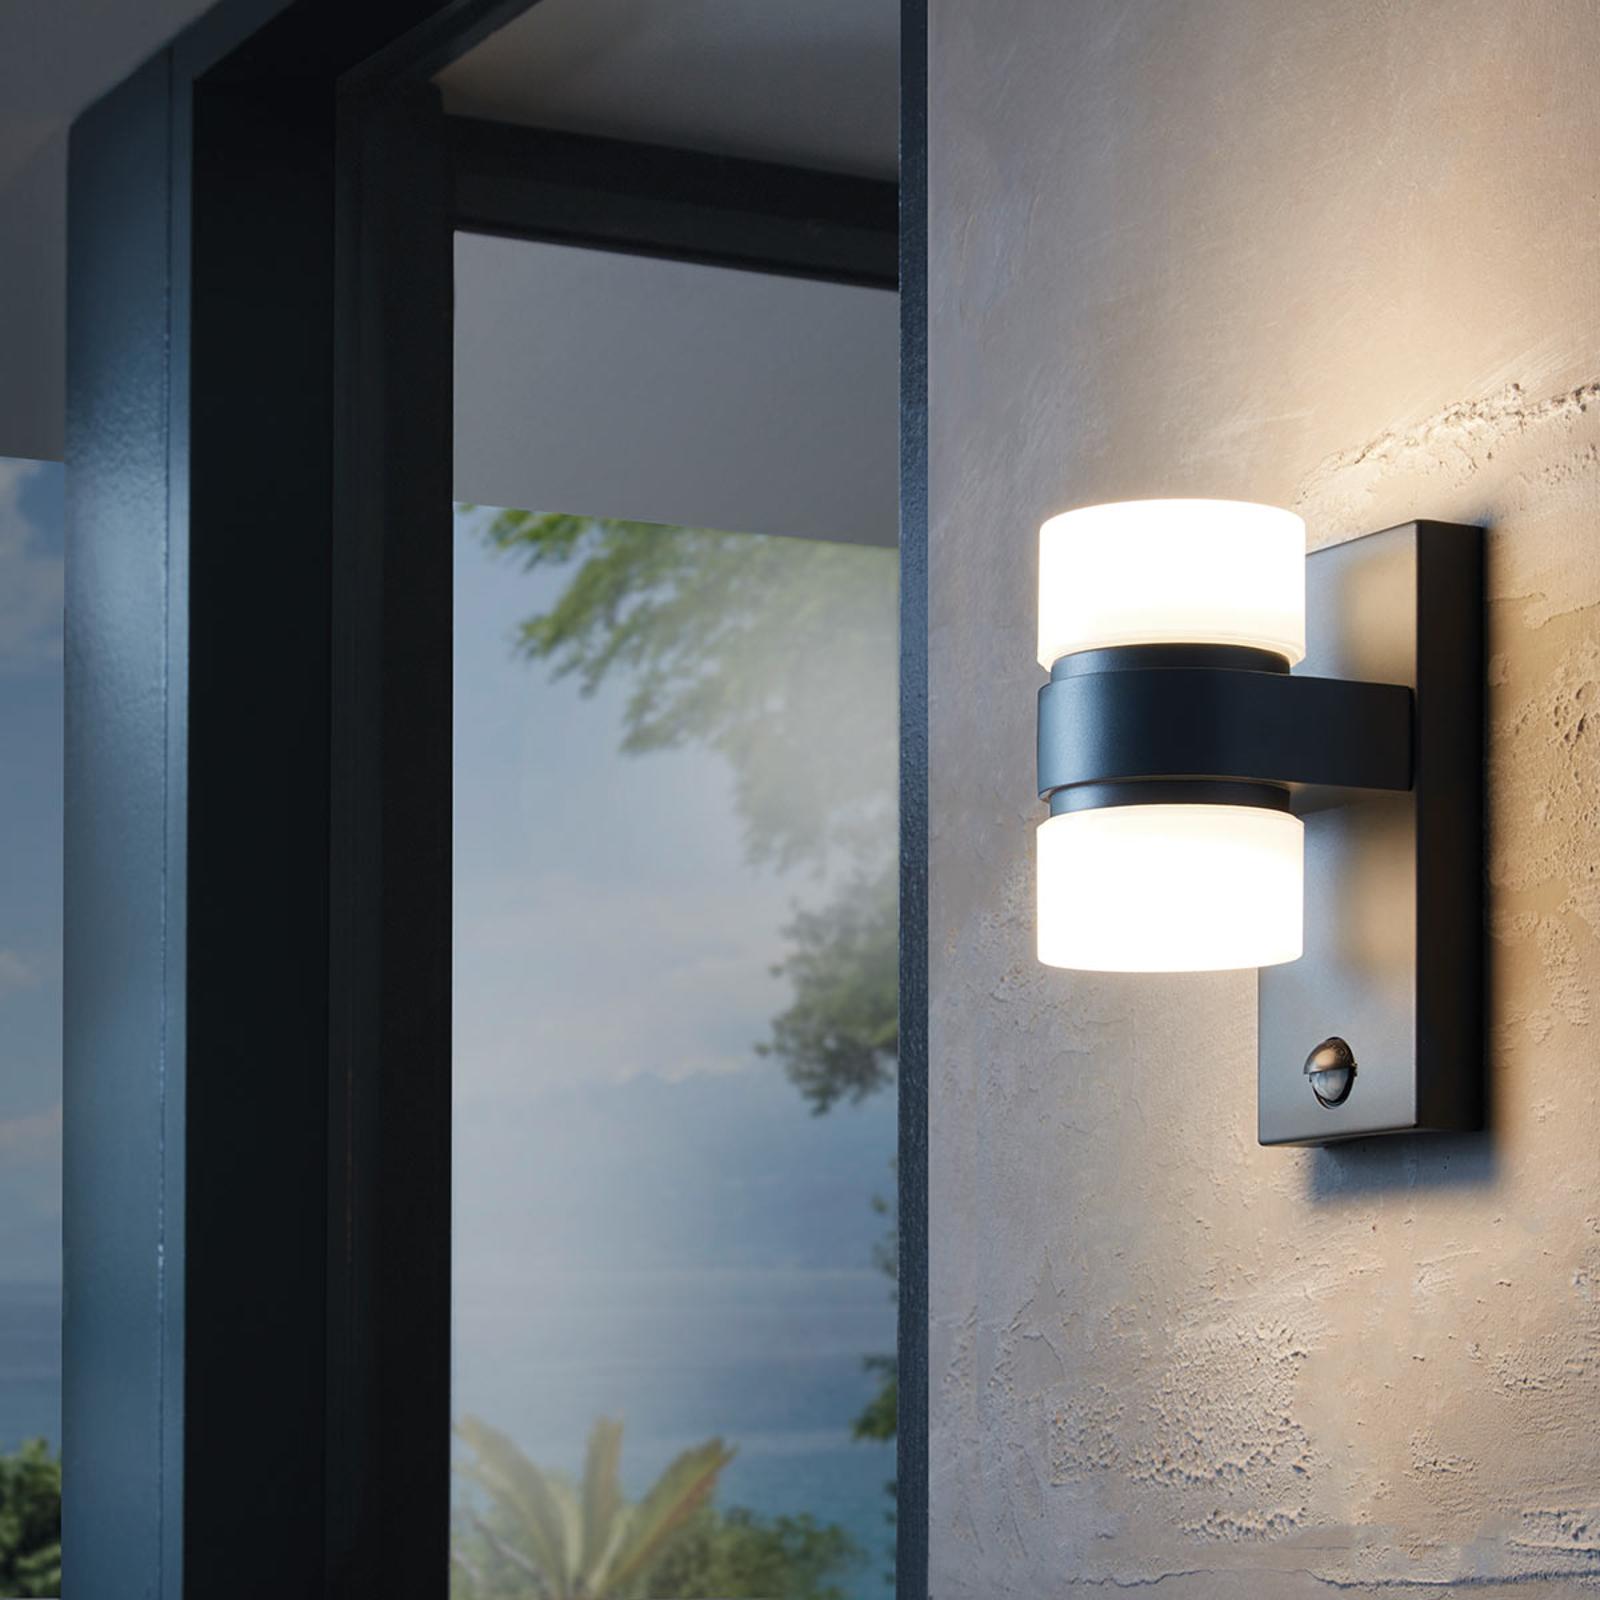 Applique d'extérieur LED Atollari avec capteur